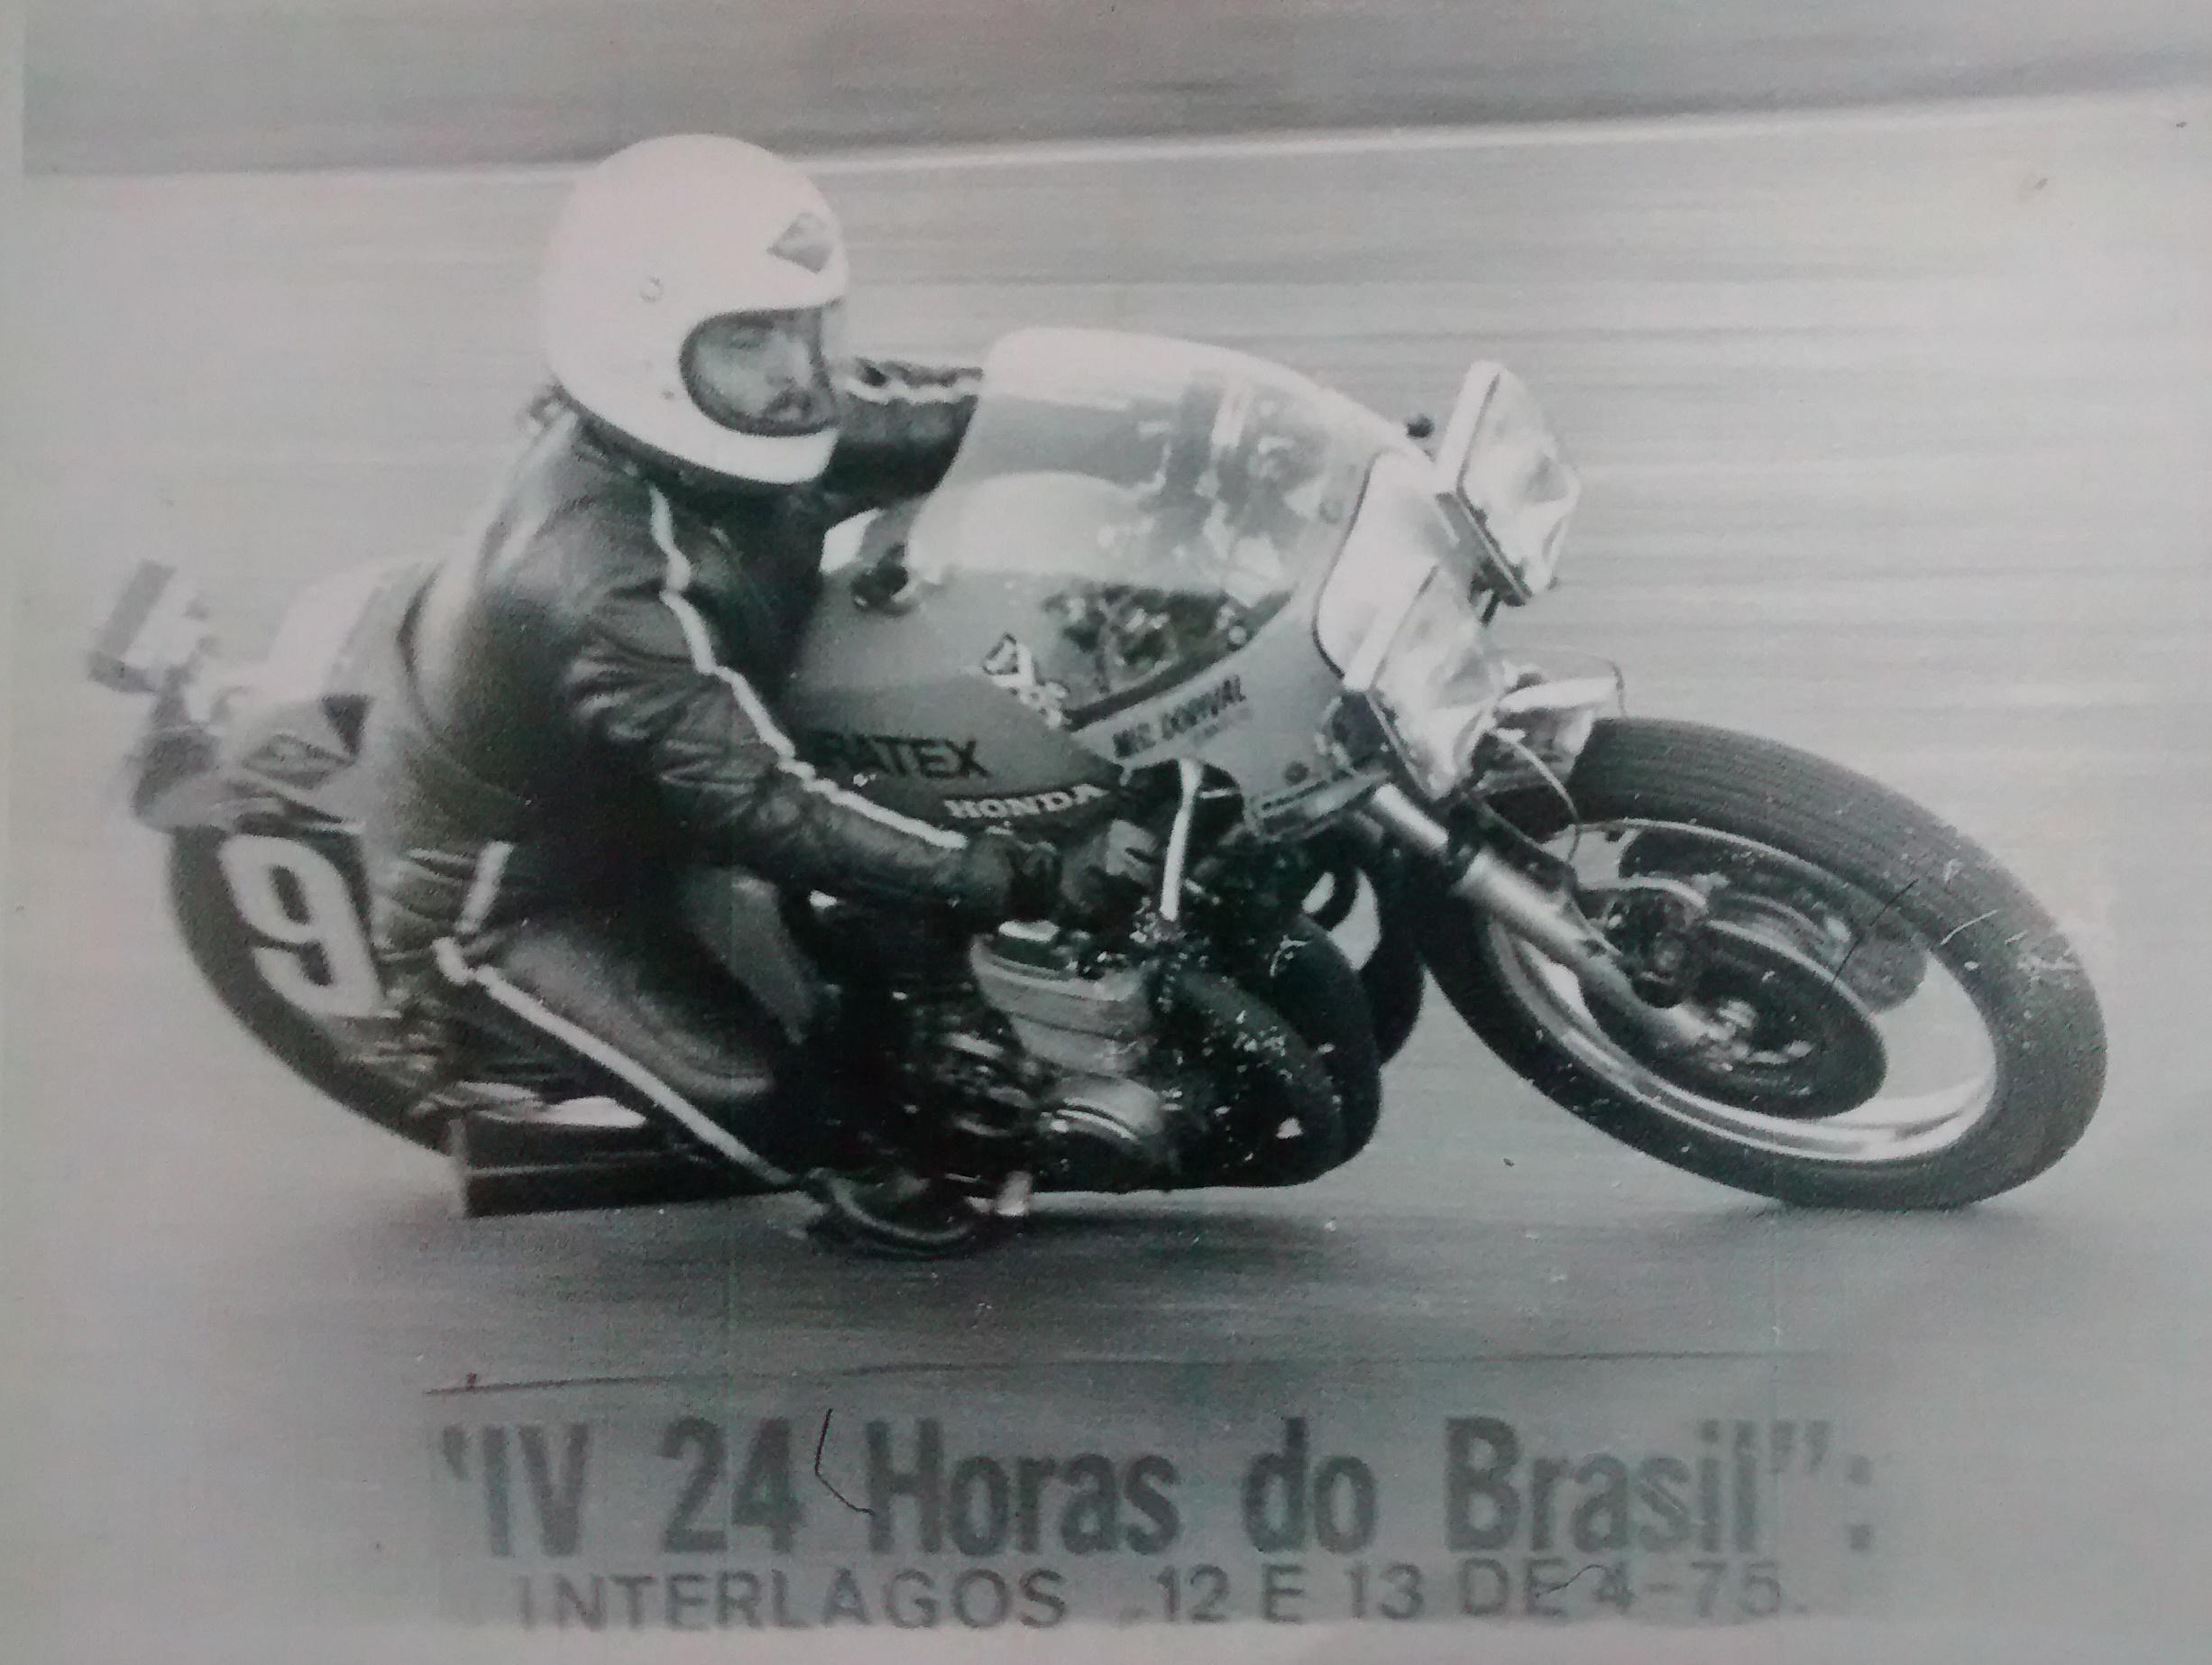 Eduardo Luzia em 13 de abril de 1975, durante as 24 Horas do Brasil, em Interlagos, SP (Foto: Adolpho Tedeschi Neto / Motostory)